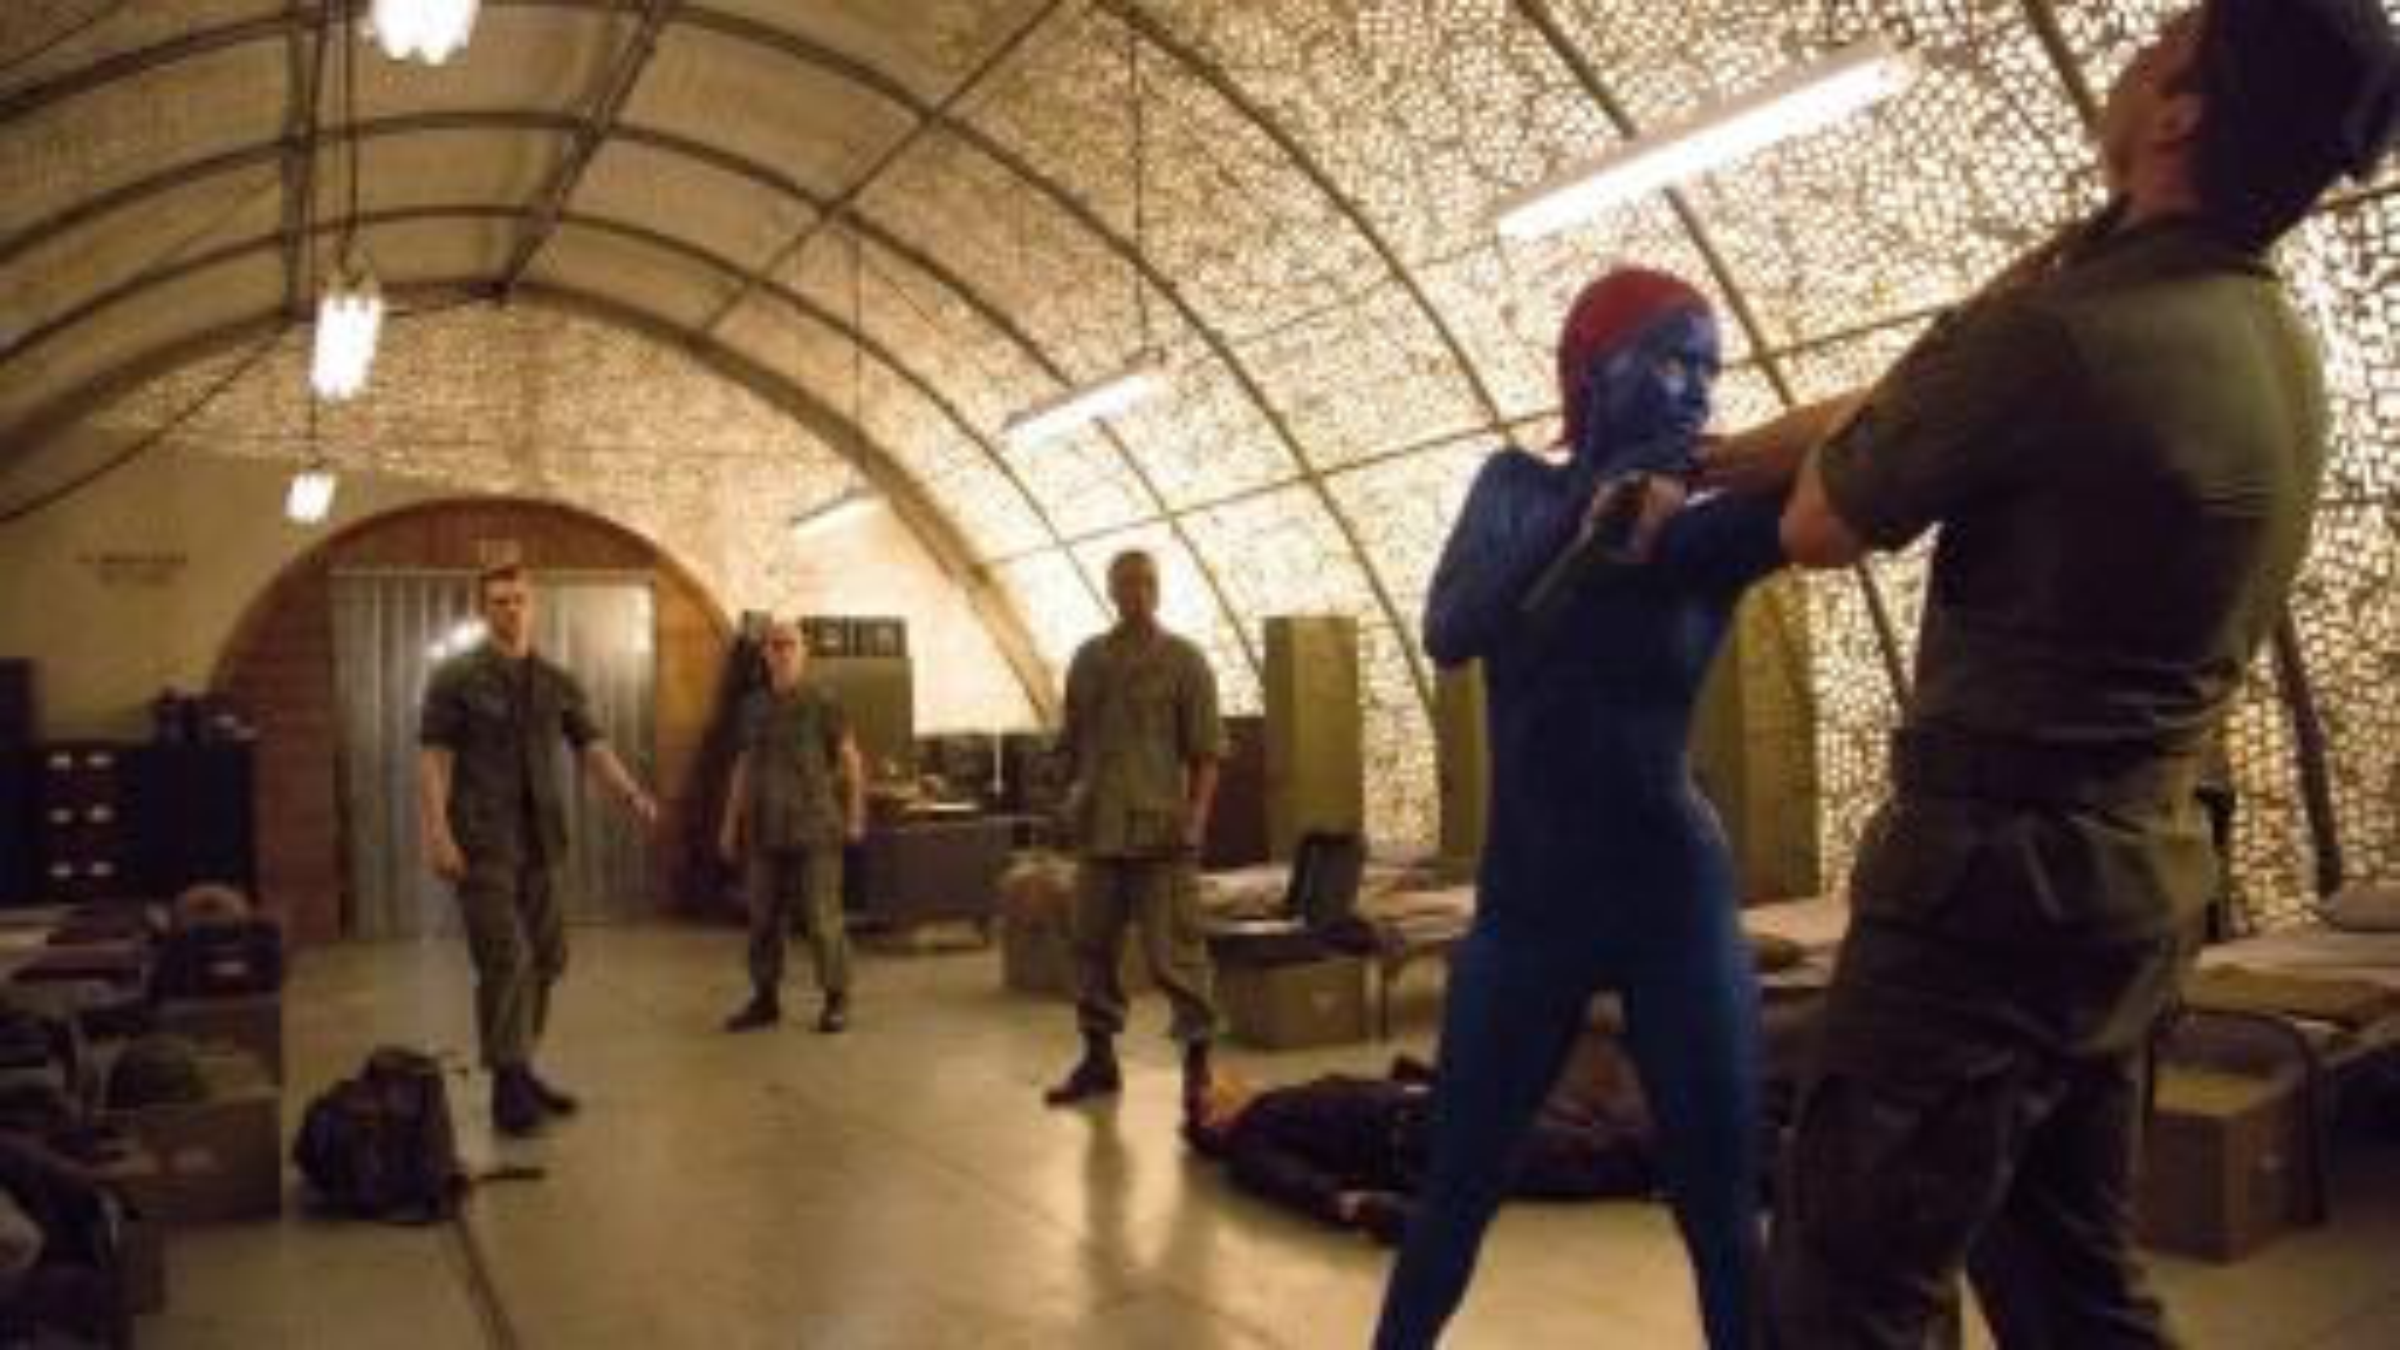 Scene from X-Men movie